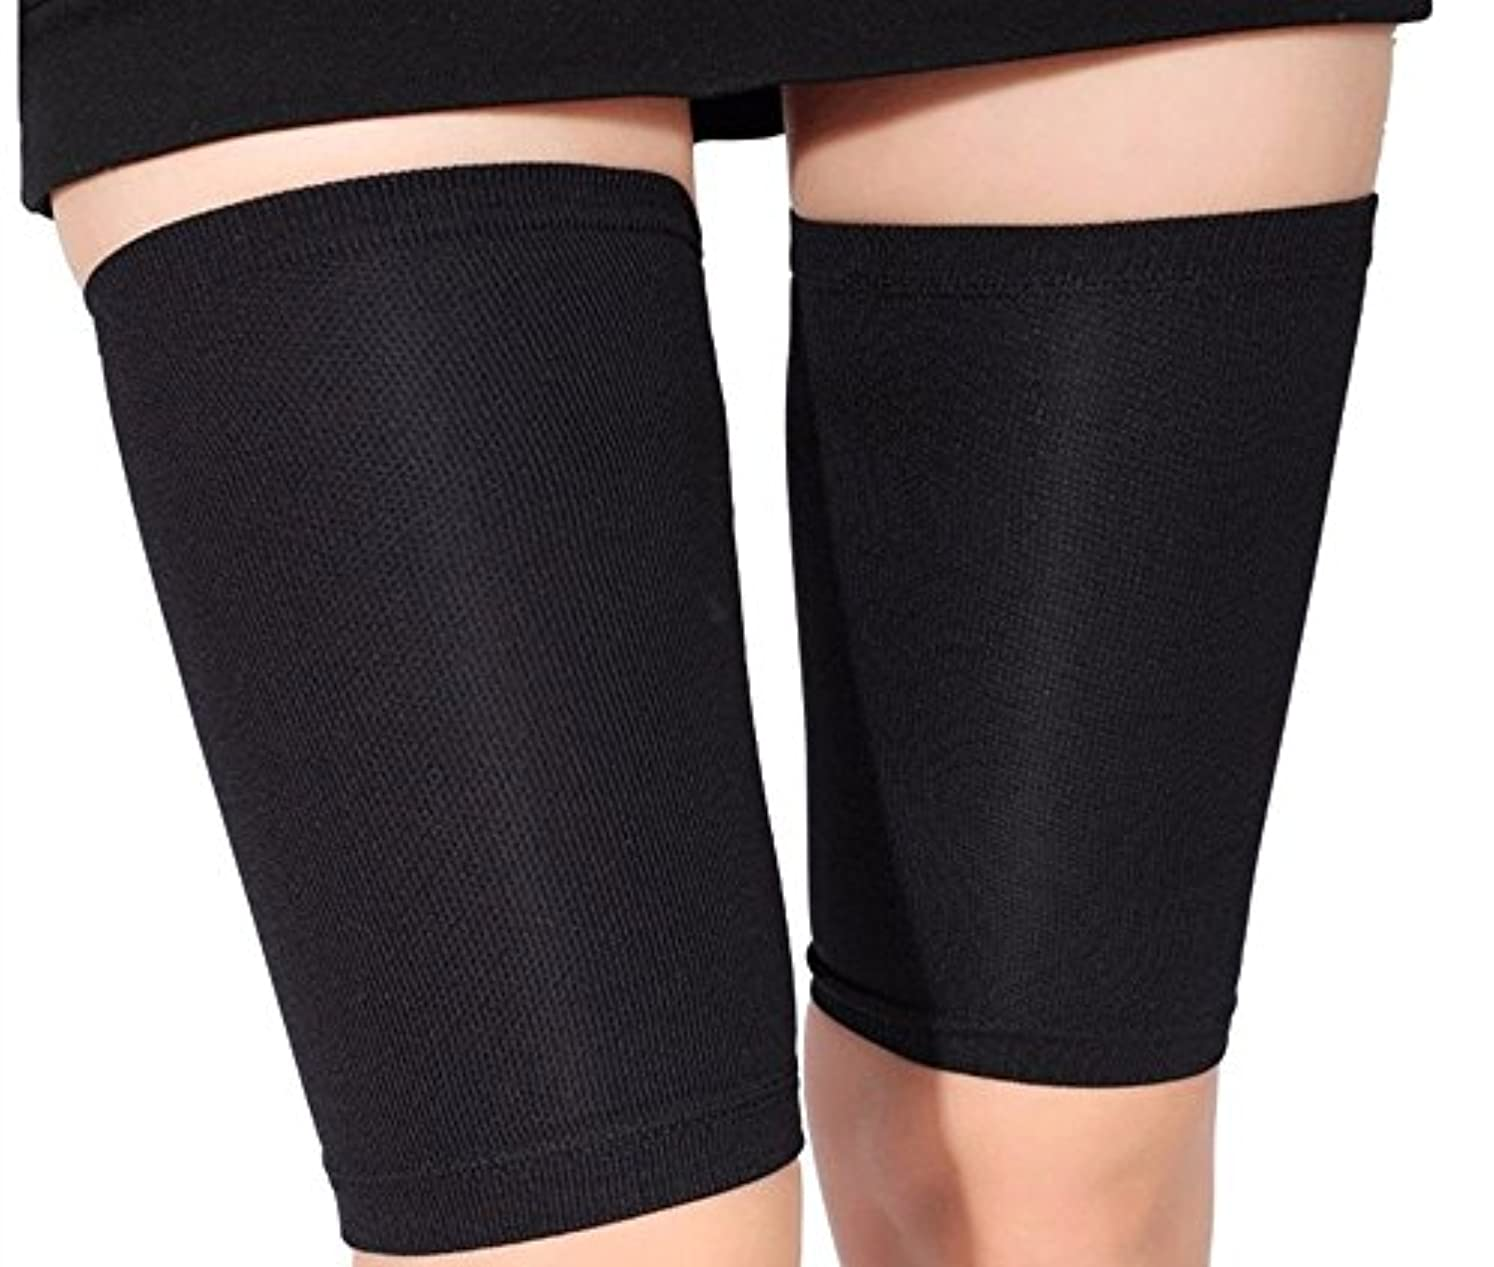 メガロポリス故障アクチュエータ太もも燃焼 むくみ セルライト 除去 婦人科系 に作用 両足セット